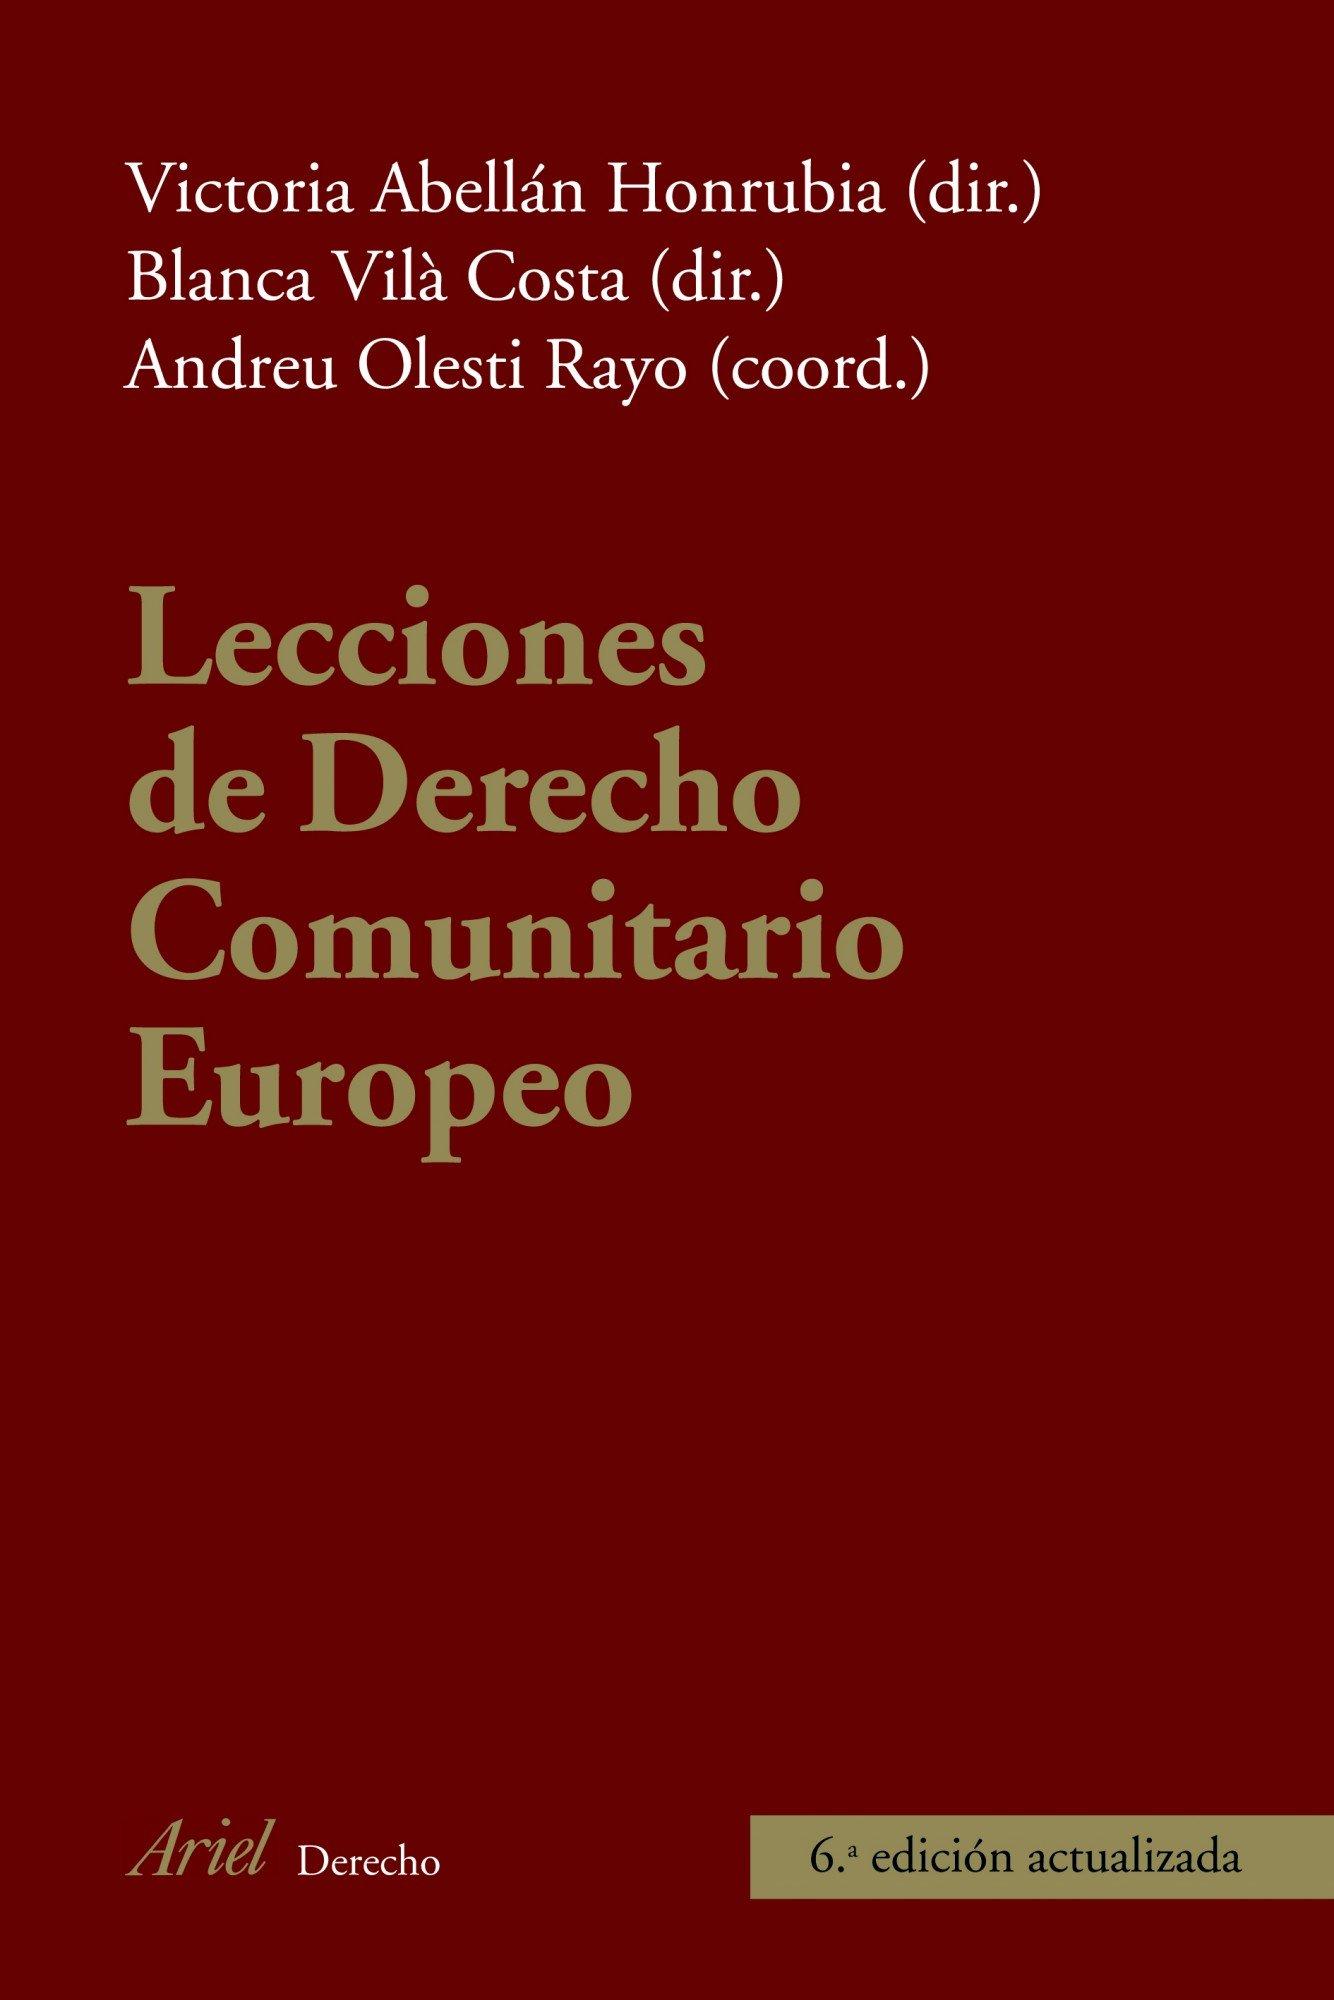 Lecciones de Derecho Comunitario Europeo (Ariel Derecho) Tapa blanda – 3 feb 2011 Blanca Vilà Costa Victoria Abellán Honrubia Andreu Olesti Rayo Editorial Ariel